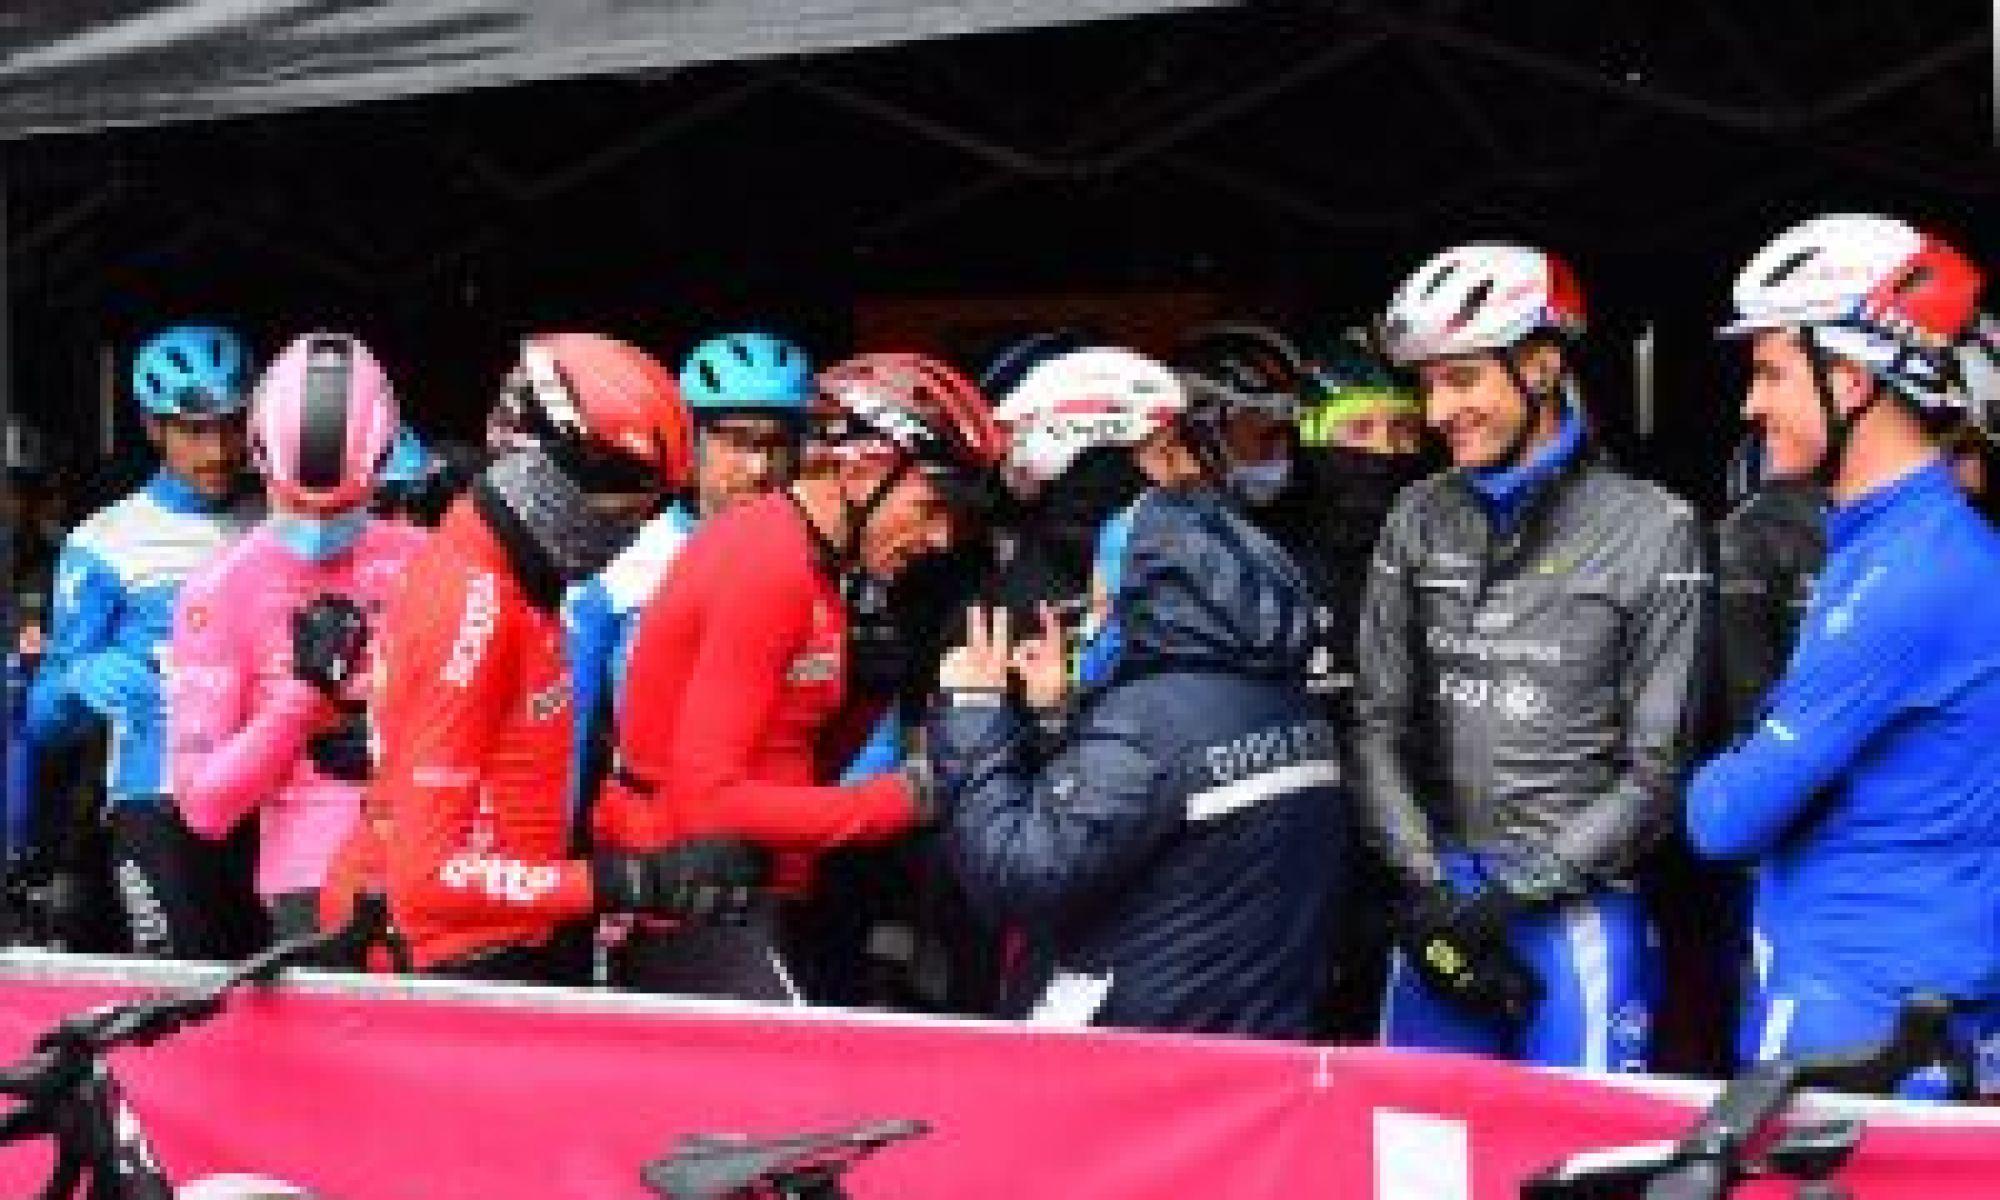 <div>Bradley Wiggins calls Giro d'Italia protest a 'shambles'</div>